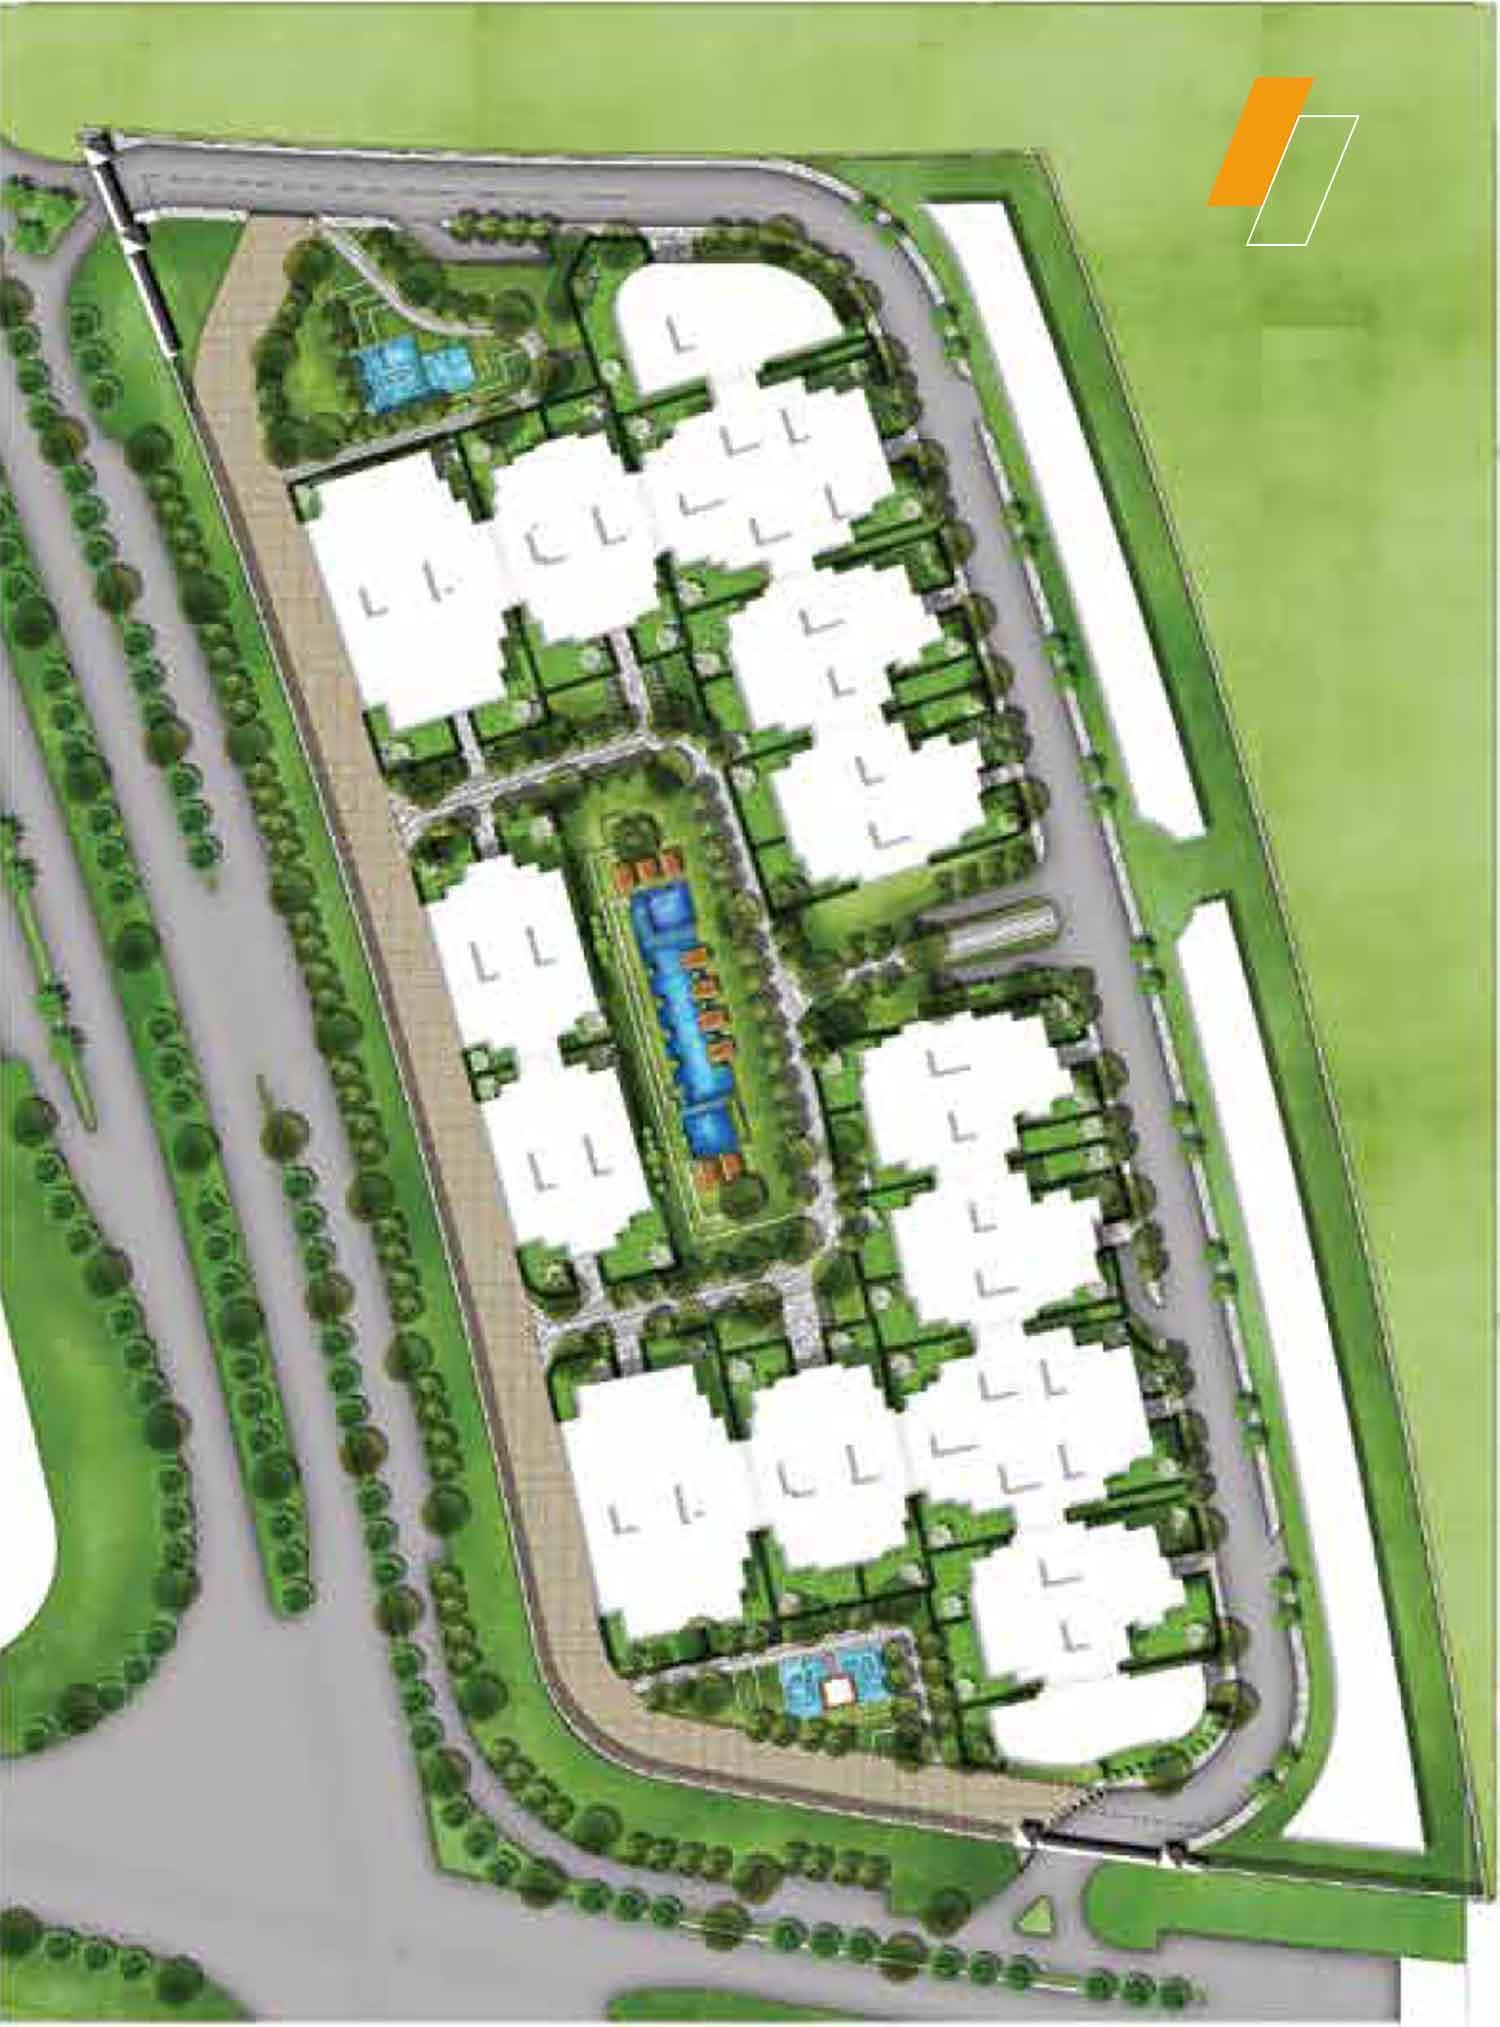 Dejoya 2 - Master plan image - Flash property                                                style=